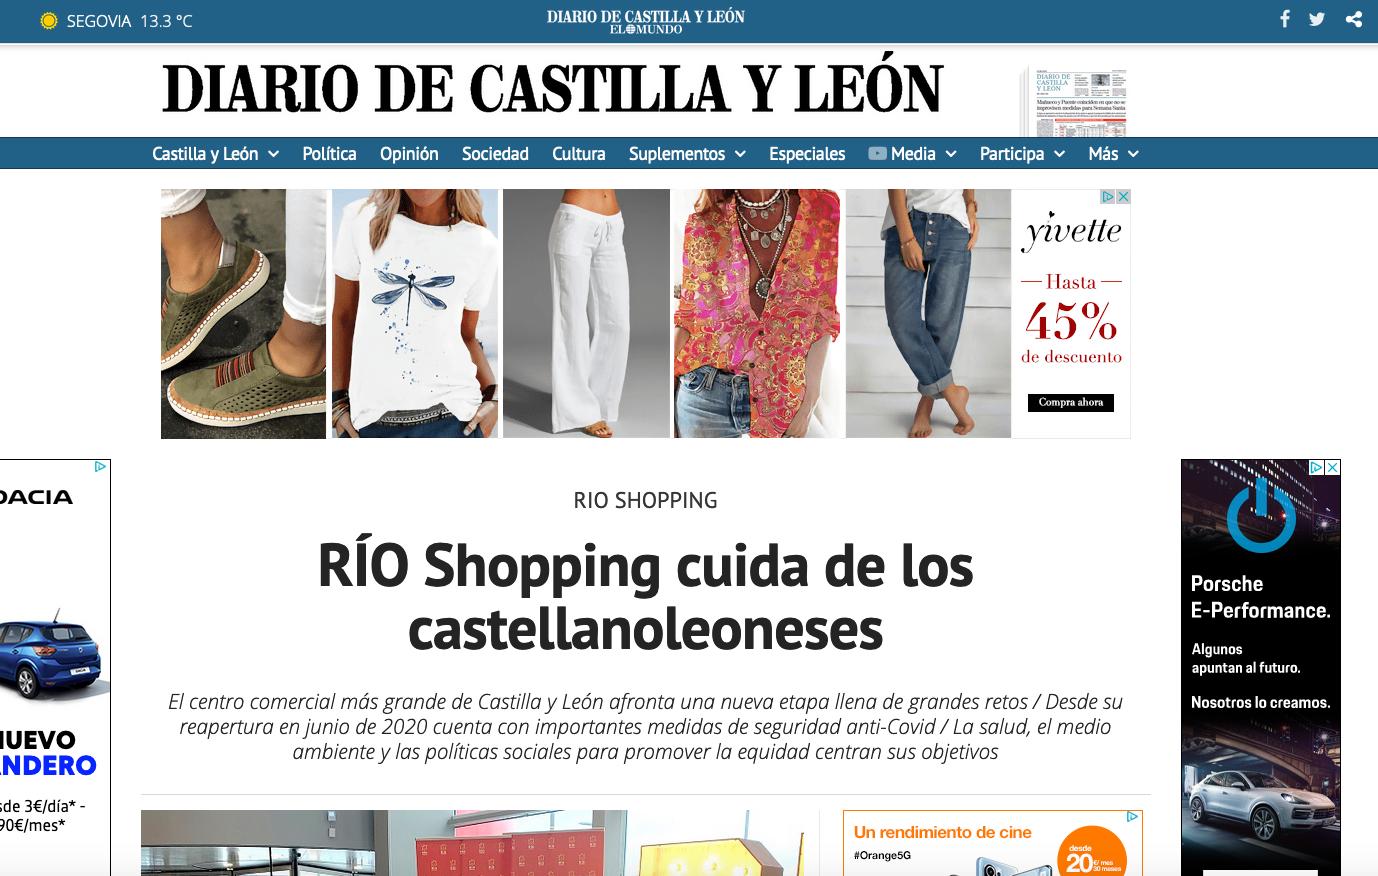 Captura del Diario de Castilla y León, de El Mundo